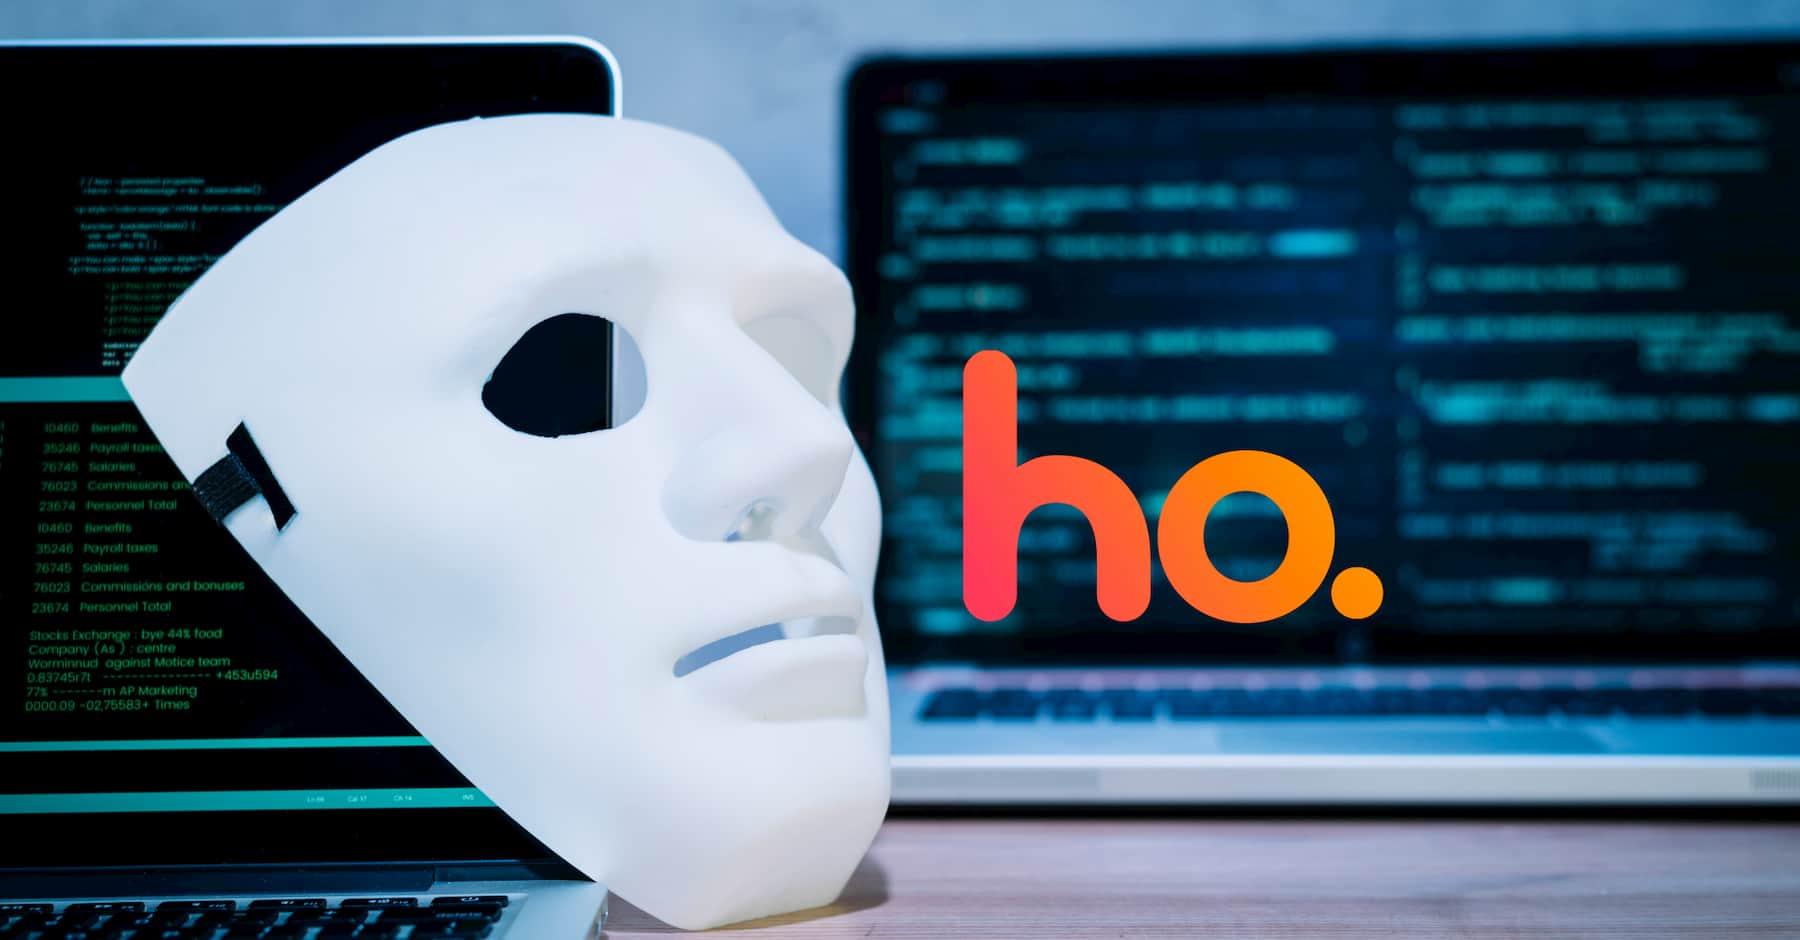 ho. hacker